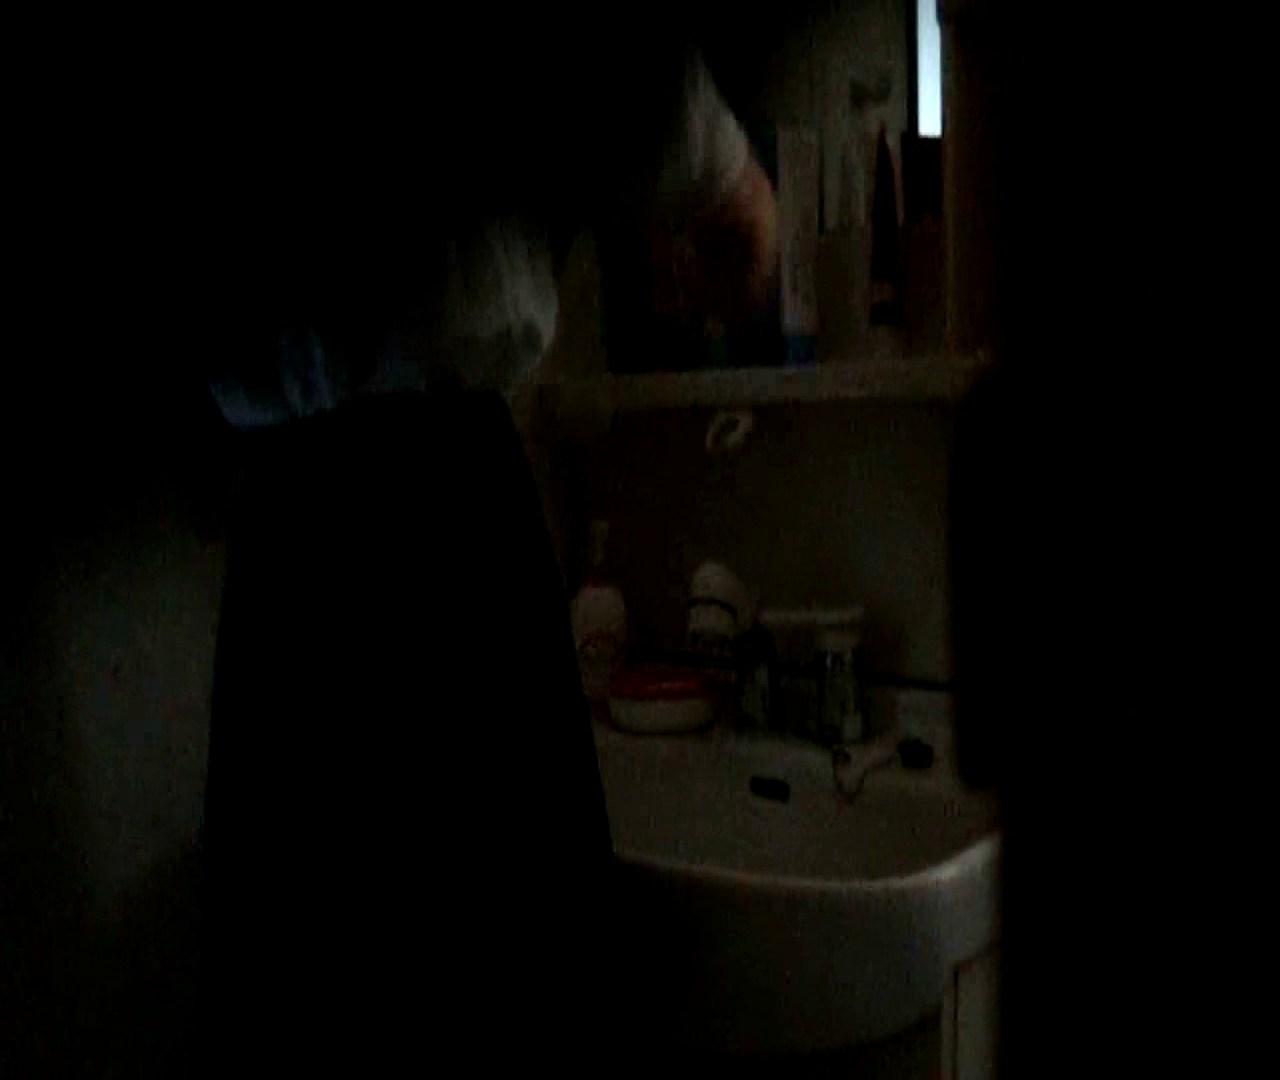 二人とも育てた甲斐がありました… vol.05 まどかが洗顔後にブラを洗濯 美しいOLの裸体  102pic 44